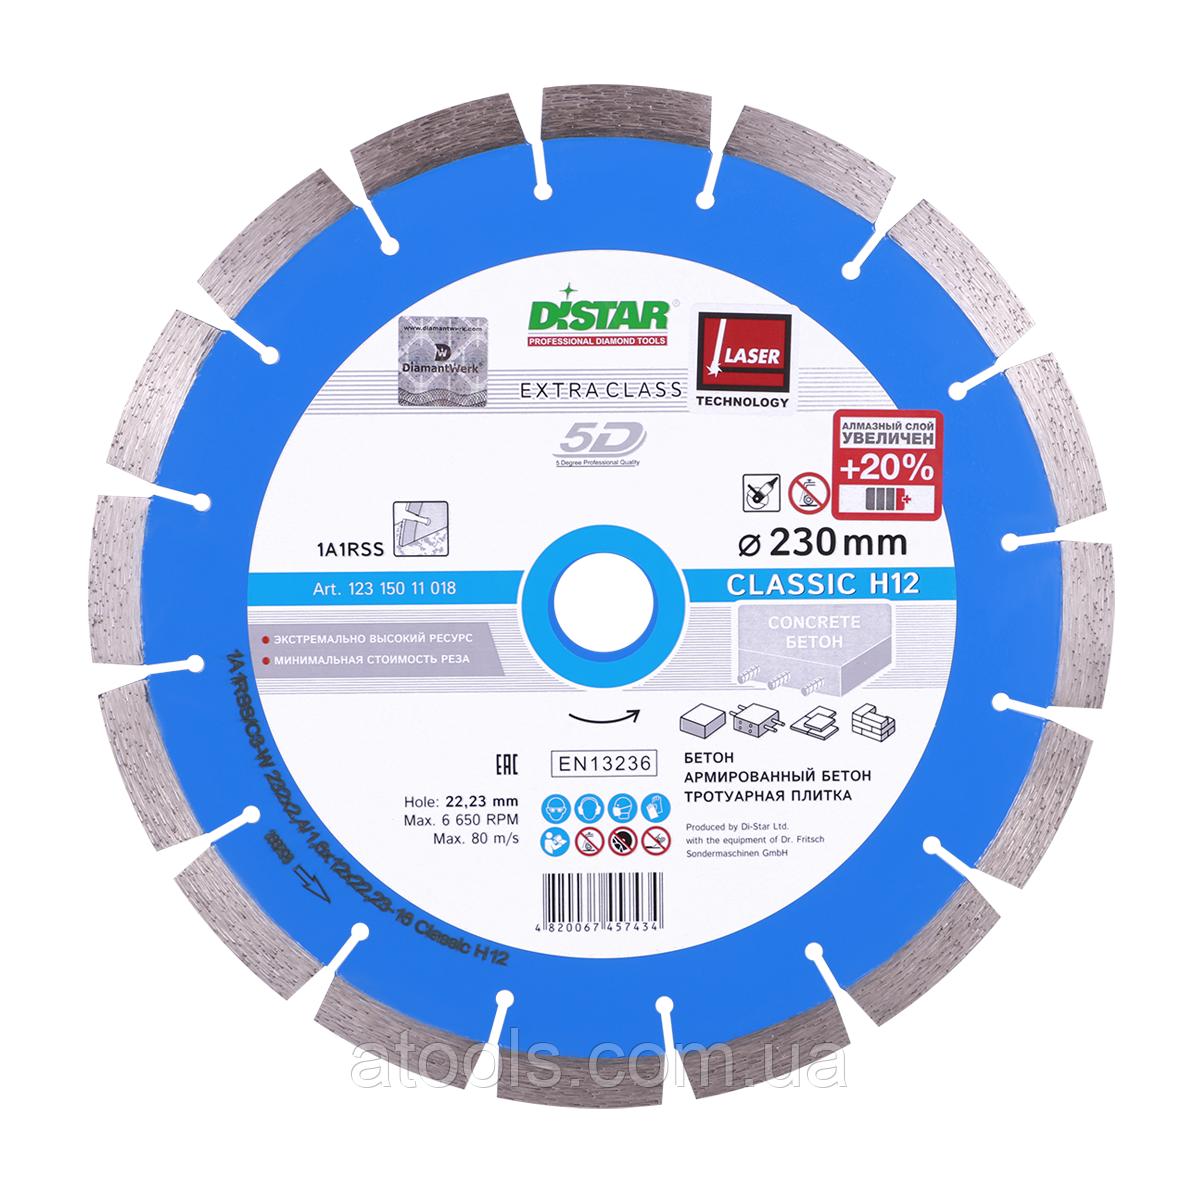 Алмазный отрезной диск Distar Classic 1A1RSS/C3-W 232x2.4/1.6x22.23-16-ARP 38x2.4x10+2 (12315011018)